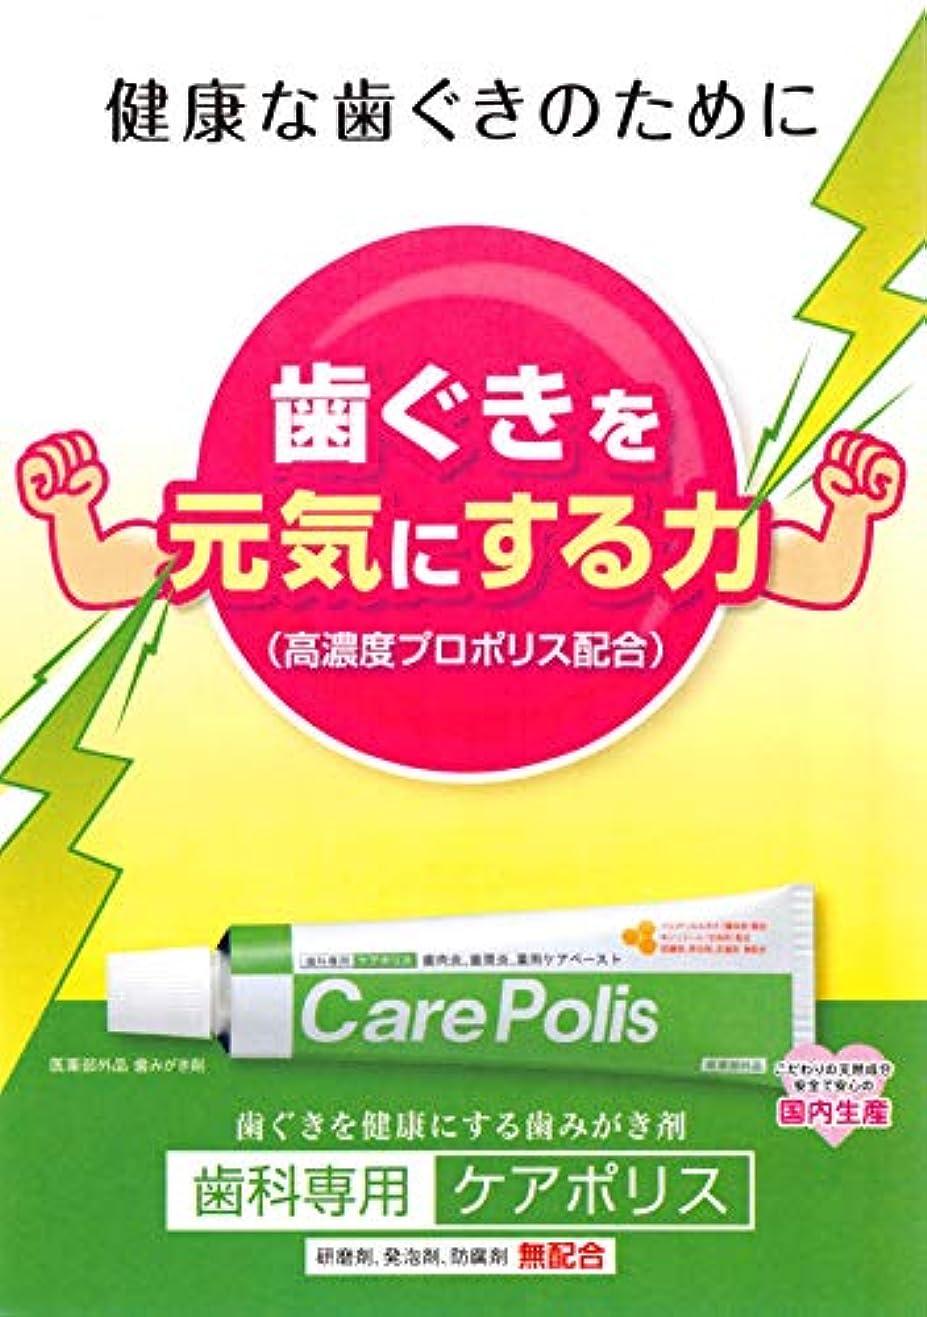 ポルティコお別れ煩わしい薬用歯磨 ケアポリス 75g×4箱  医薬部外品